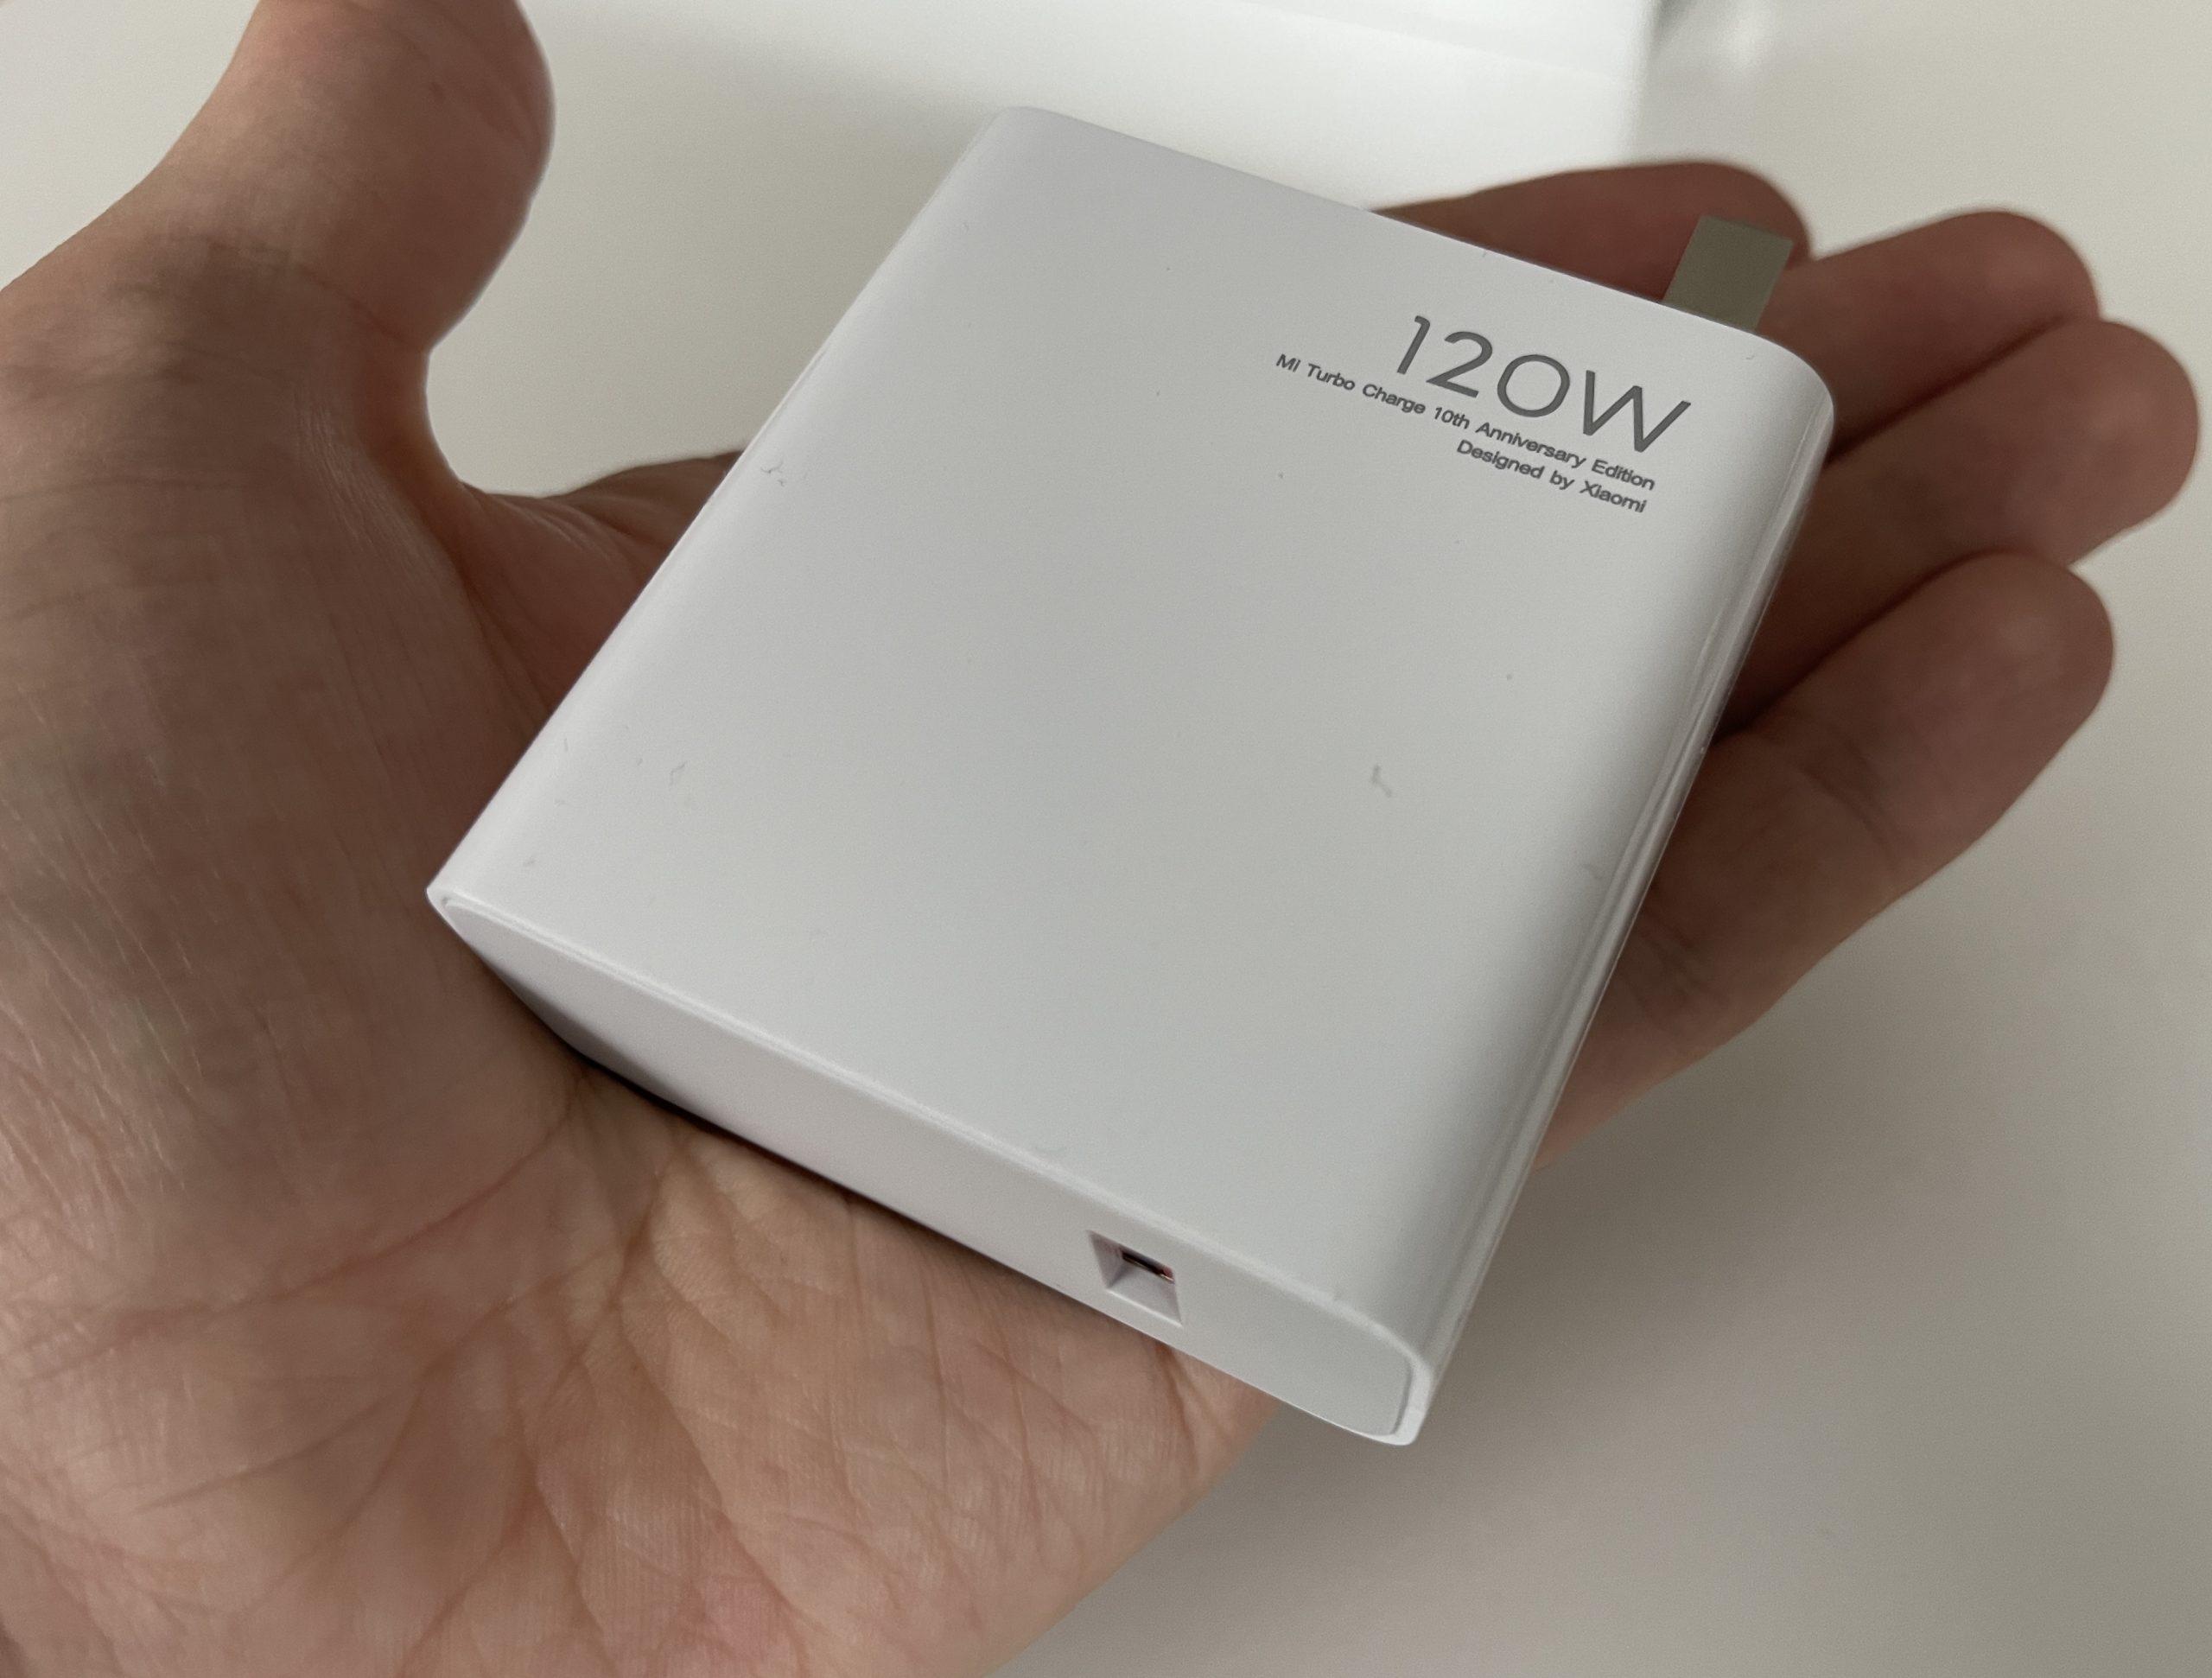 120 watin laturi on yllättävän kompakti, kiitos galliumnitridin (GaN) hyödyntämisen.